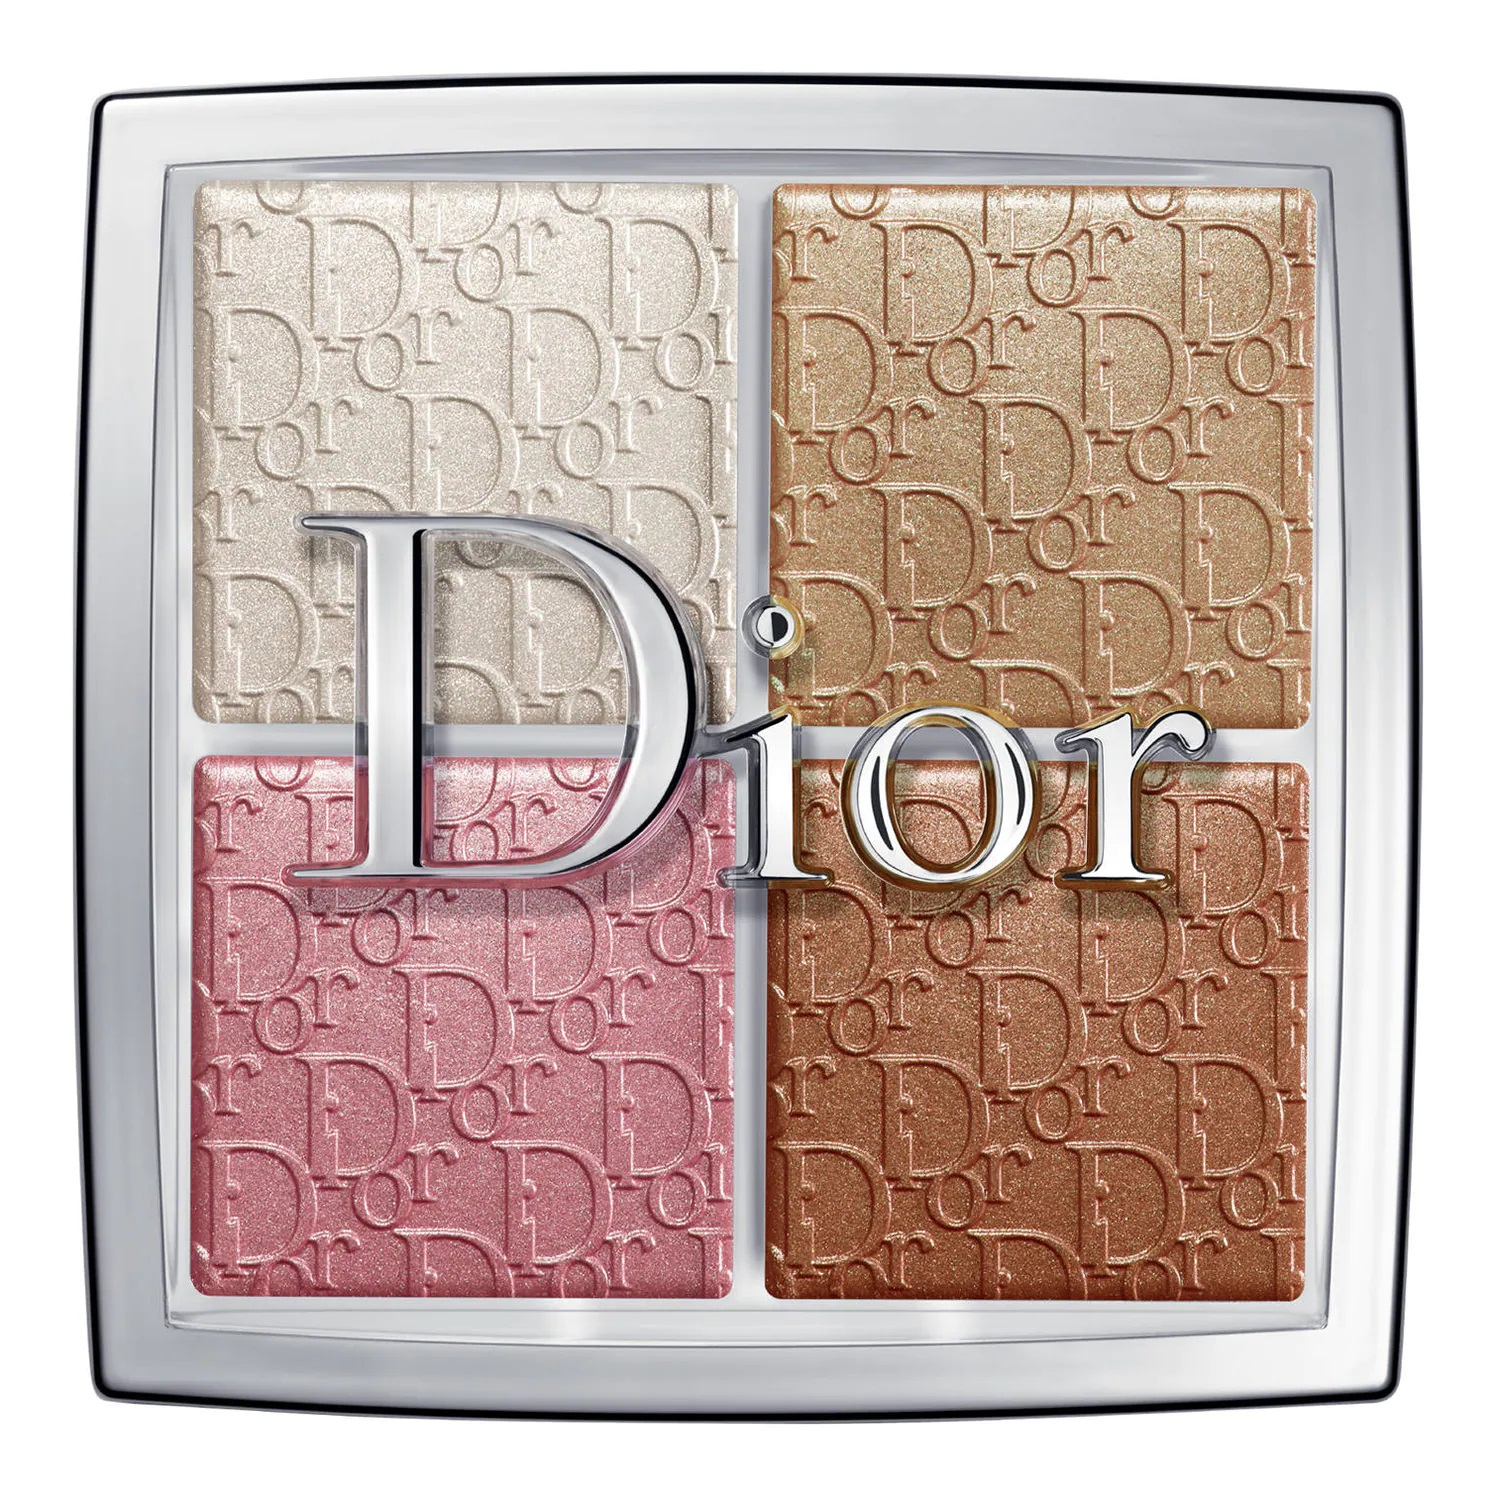 Paleta facial Glow de Dior Backstage